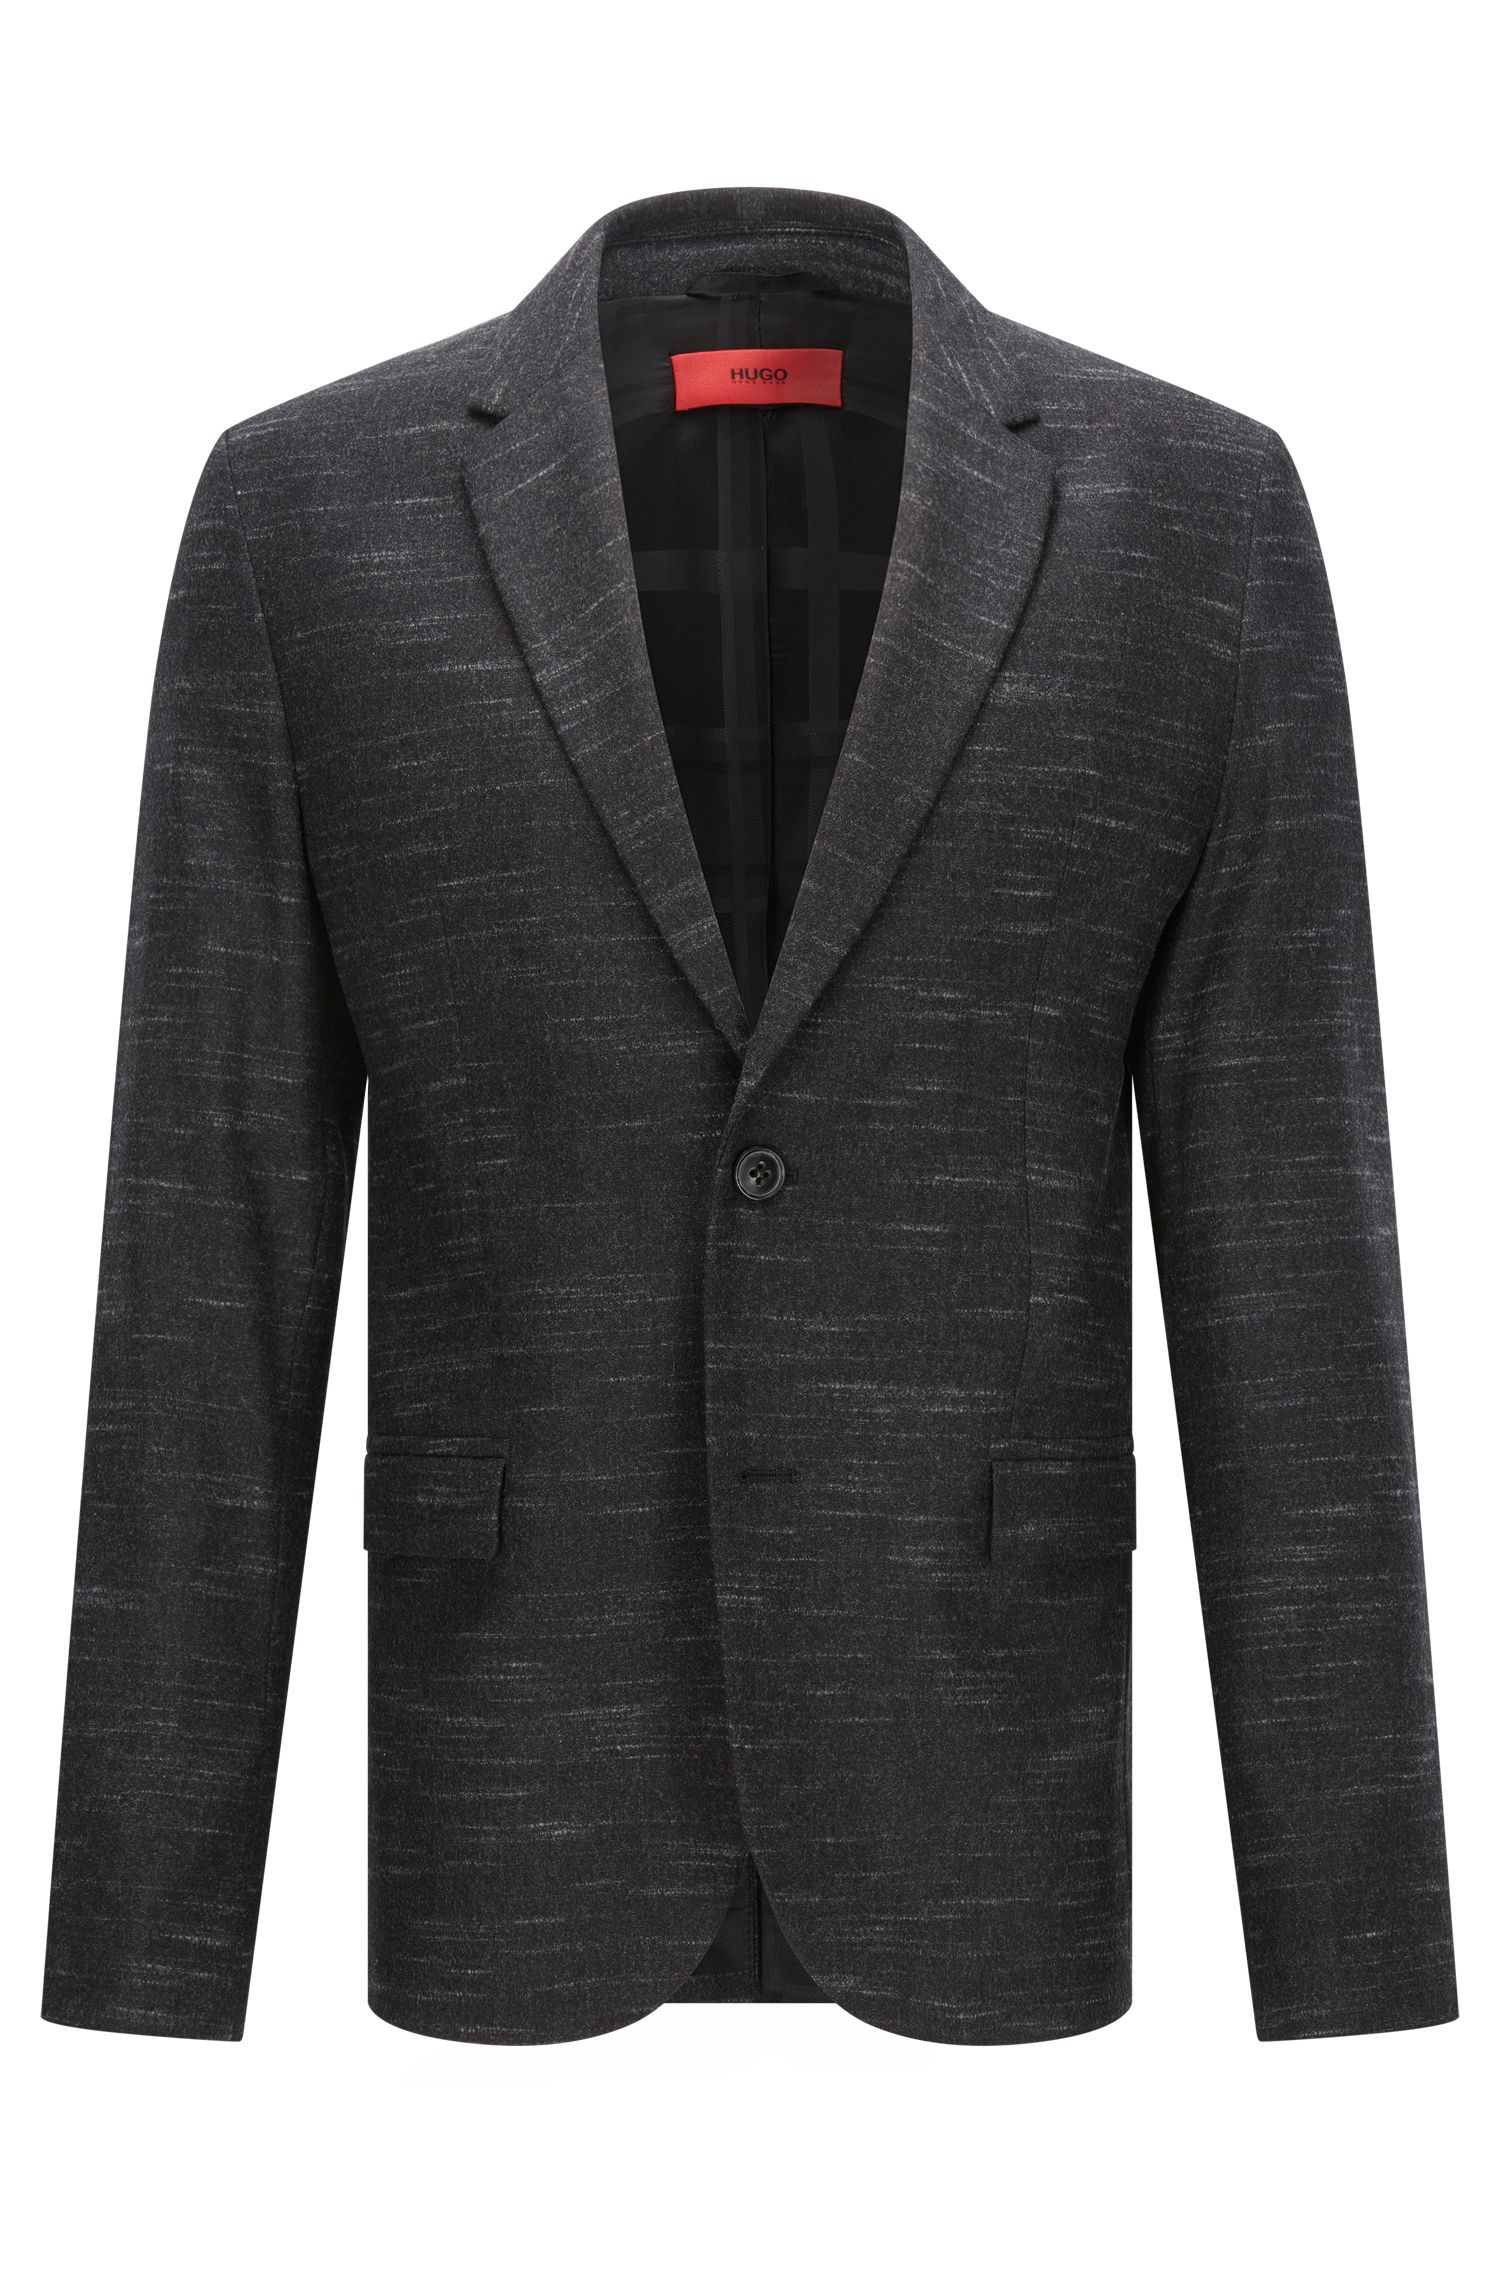 Heathered Virgin Wool Blend Sport Coat, Slim Fit | Arelton